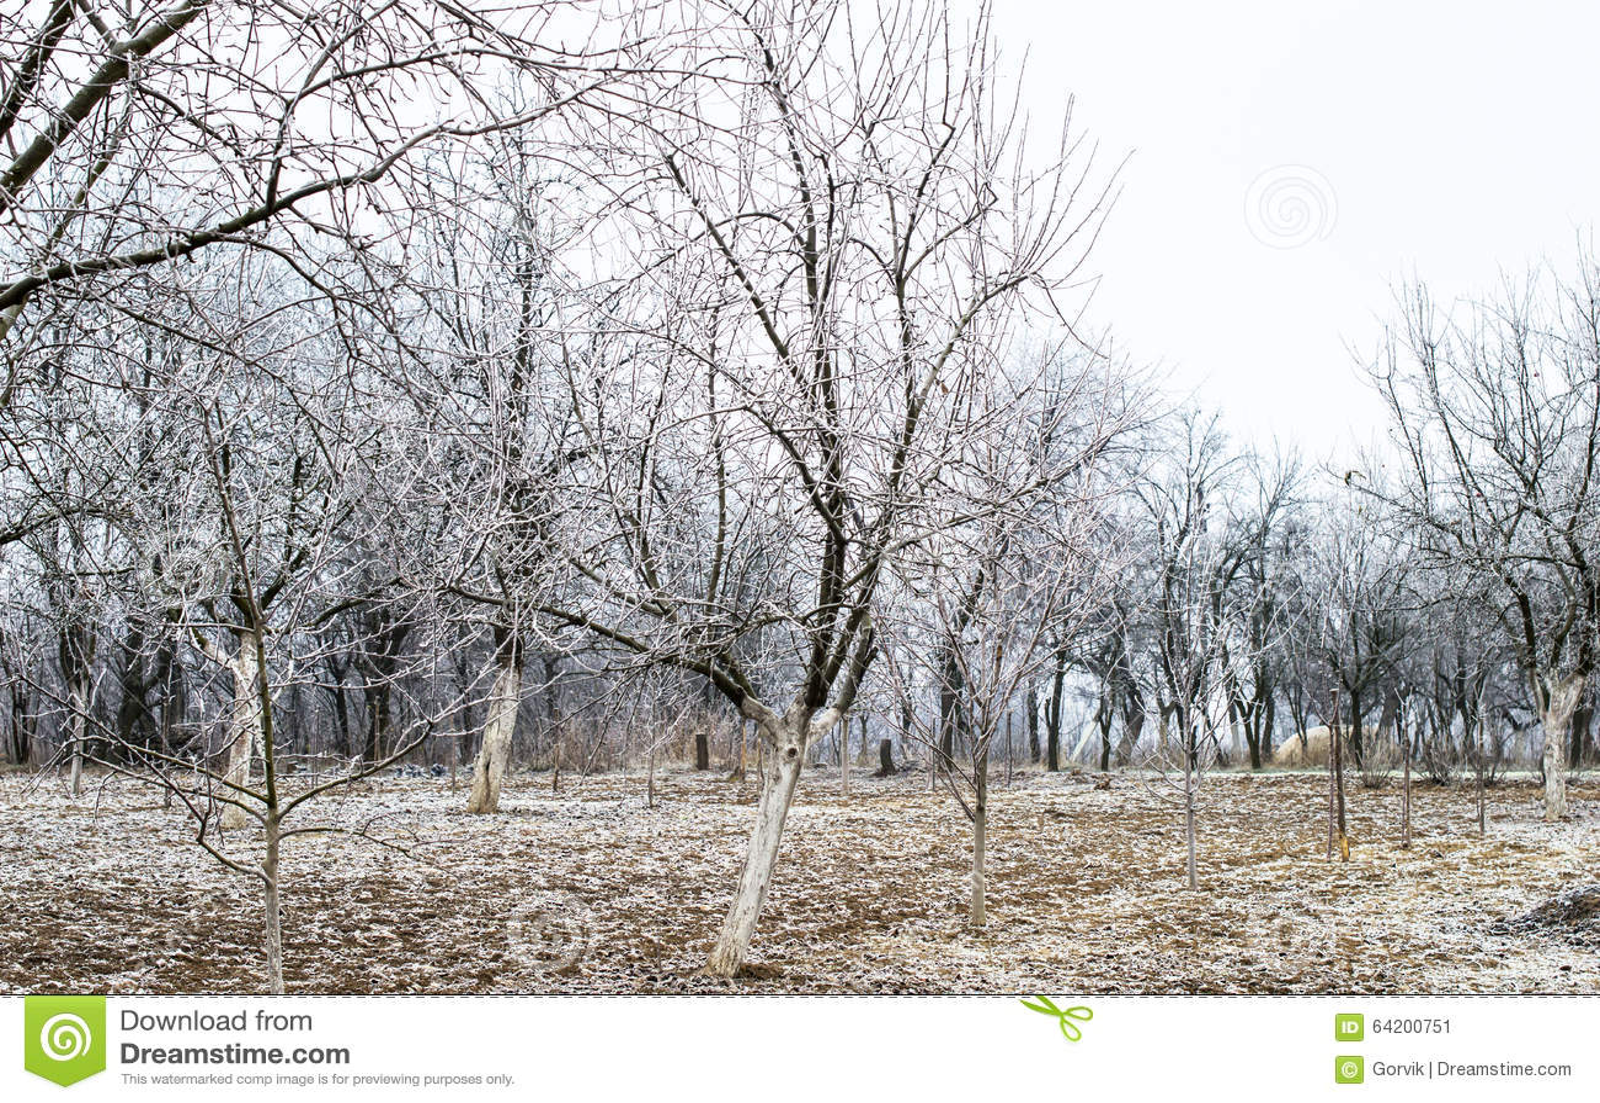 Helada blanca en árboles